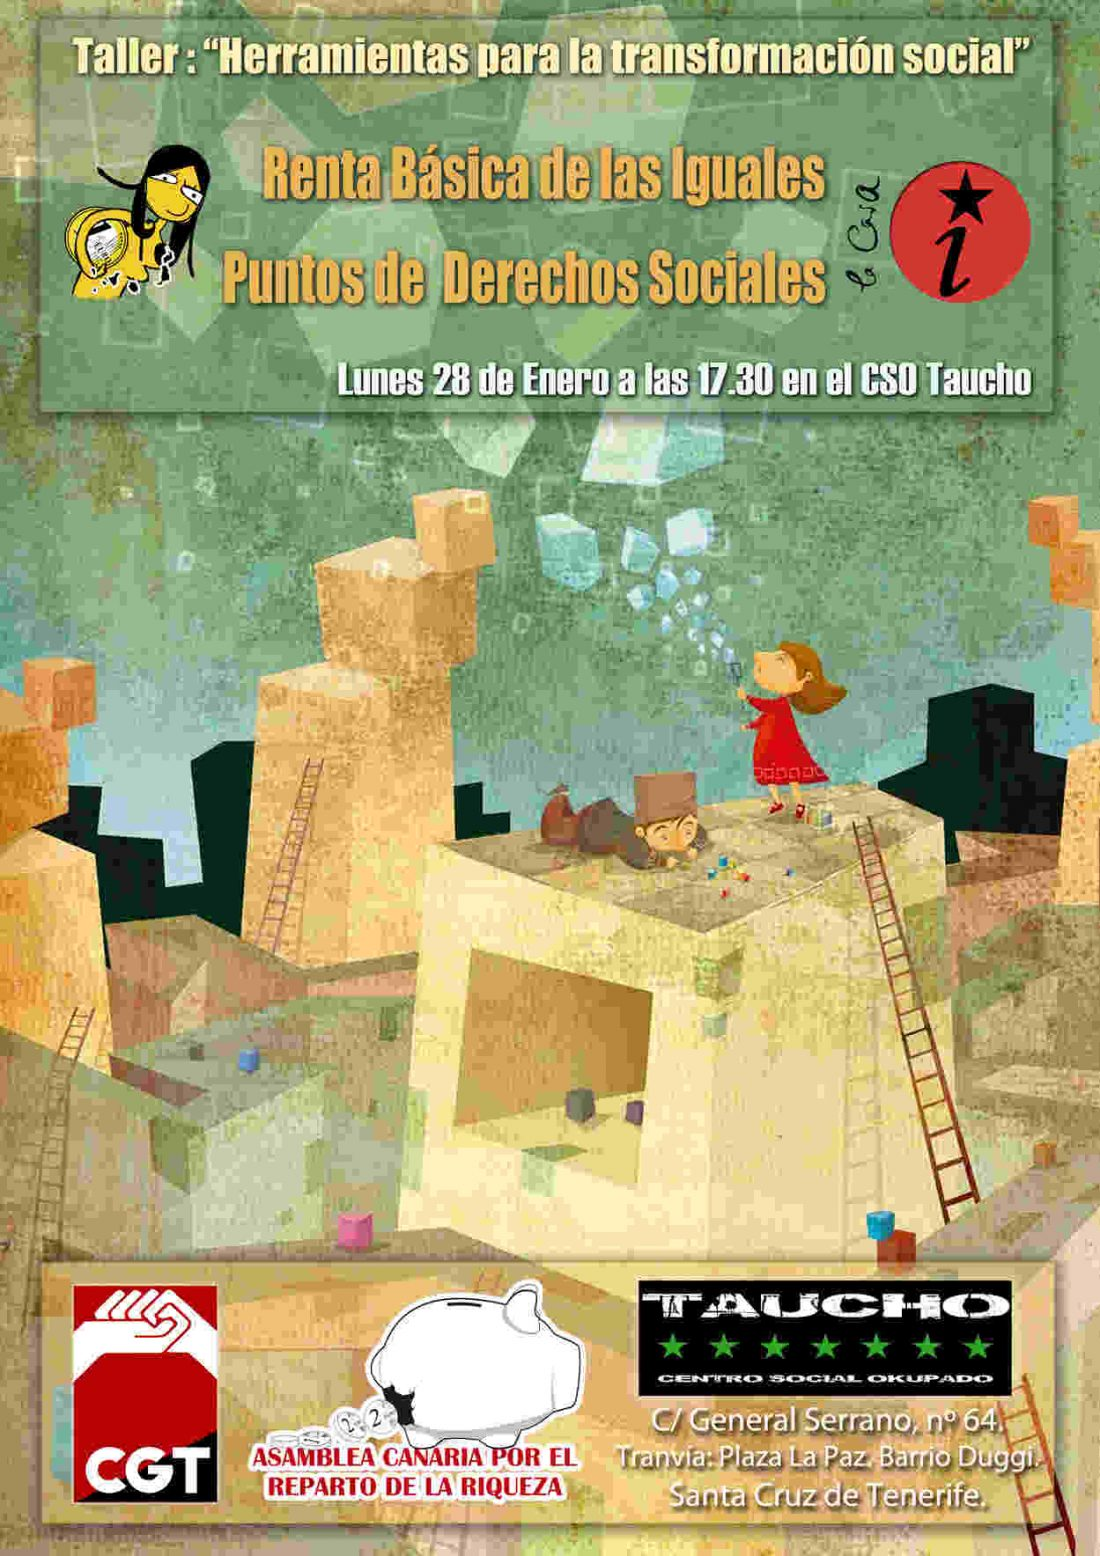 S/C de Tenerife. 28 de enero, Taller de Herramientas para la Transformación en CSO Taucho